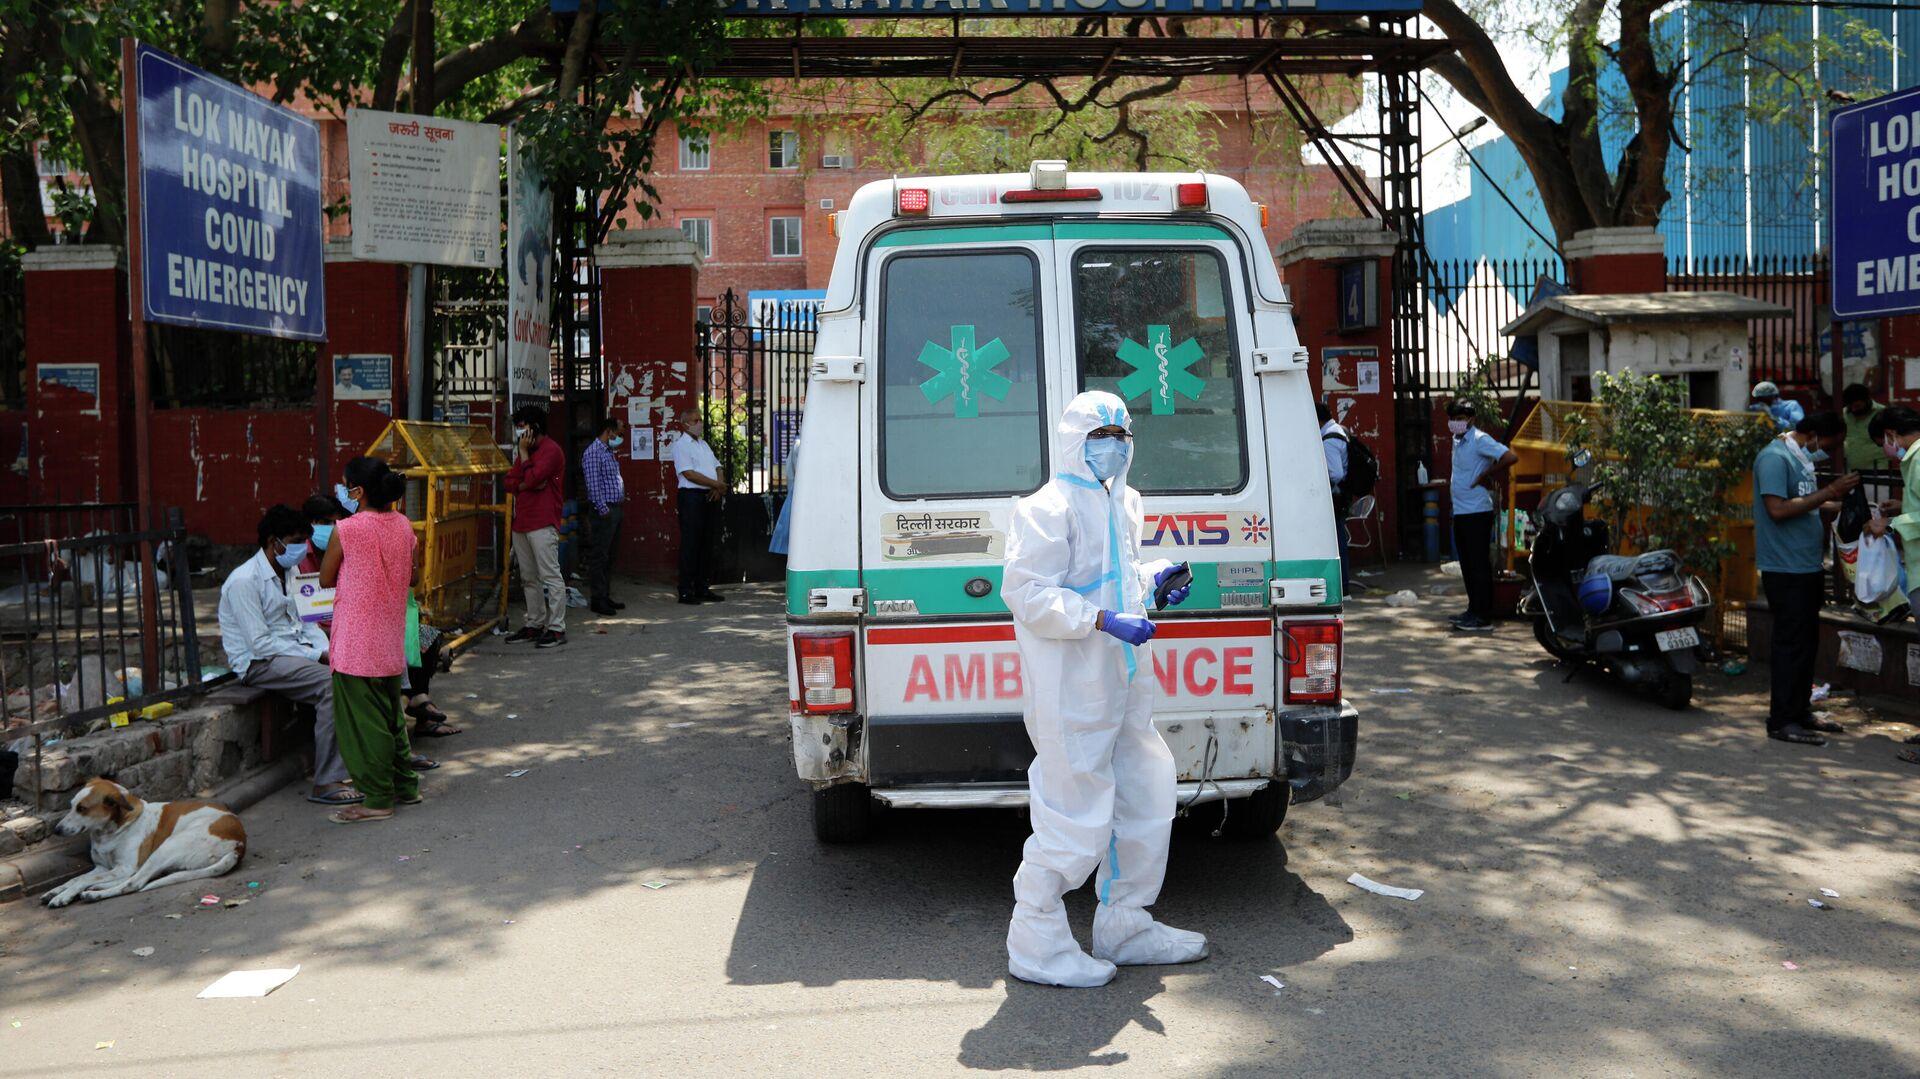 Скорая помощь возле больницы для лечения пациентов с COVID-19 в Нью-Дели, Индия - РИА Новости, 1920, 25.04.2021